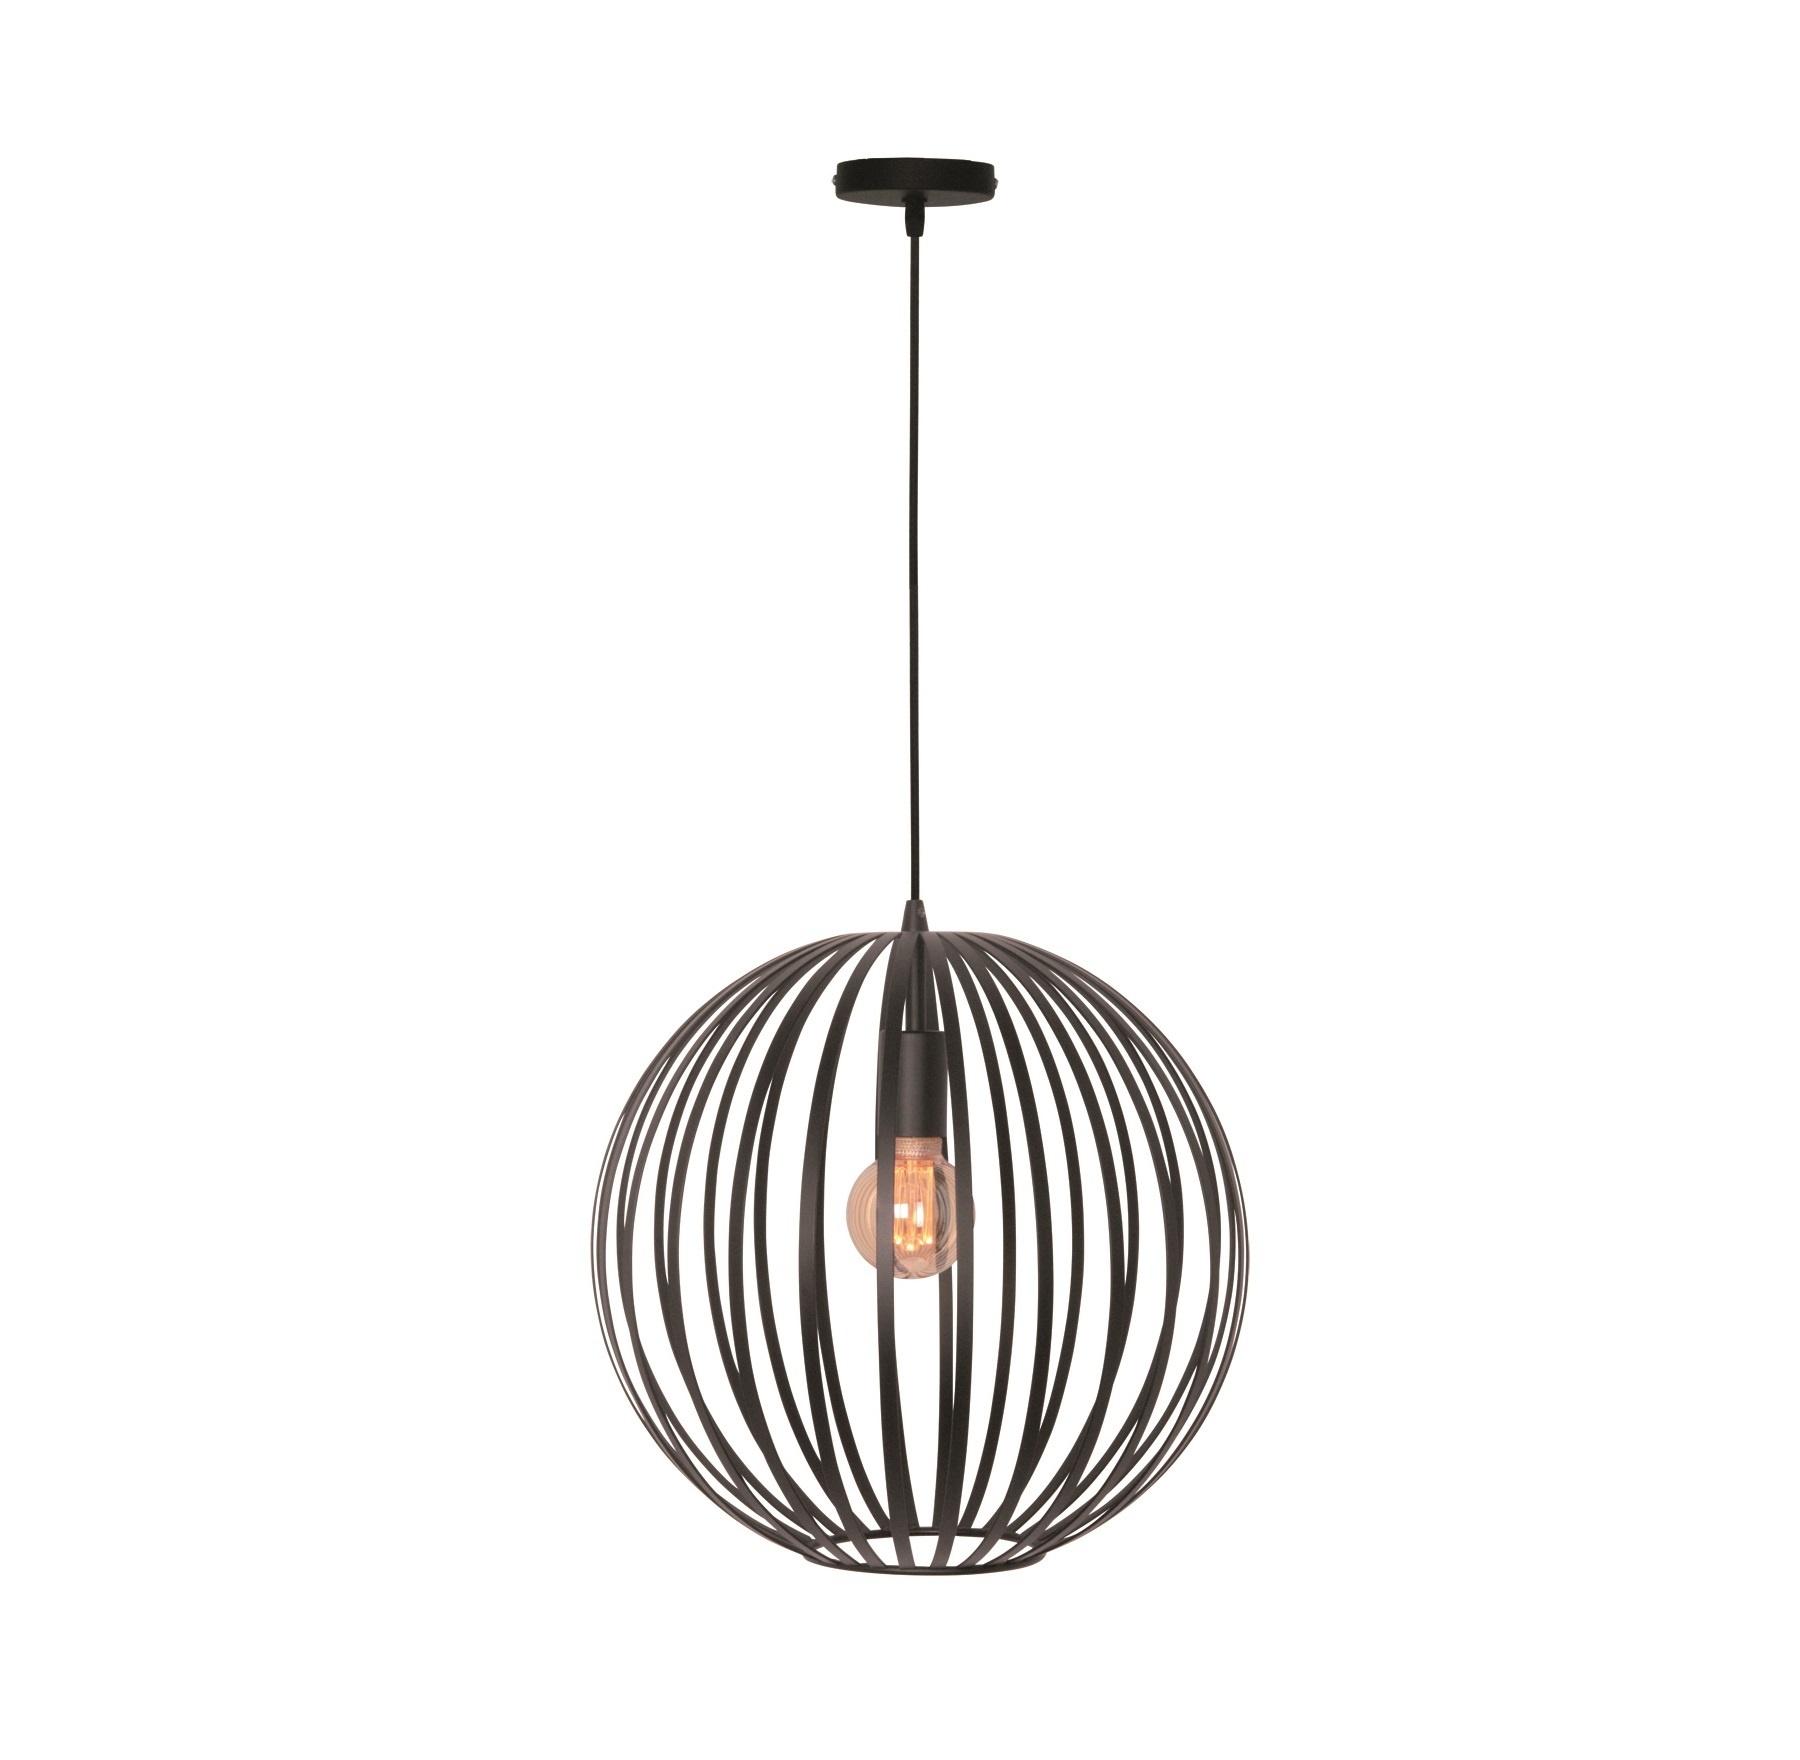 Hanglamp Tres Mat Zwart 30cm |  | 8718444959069